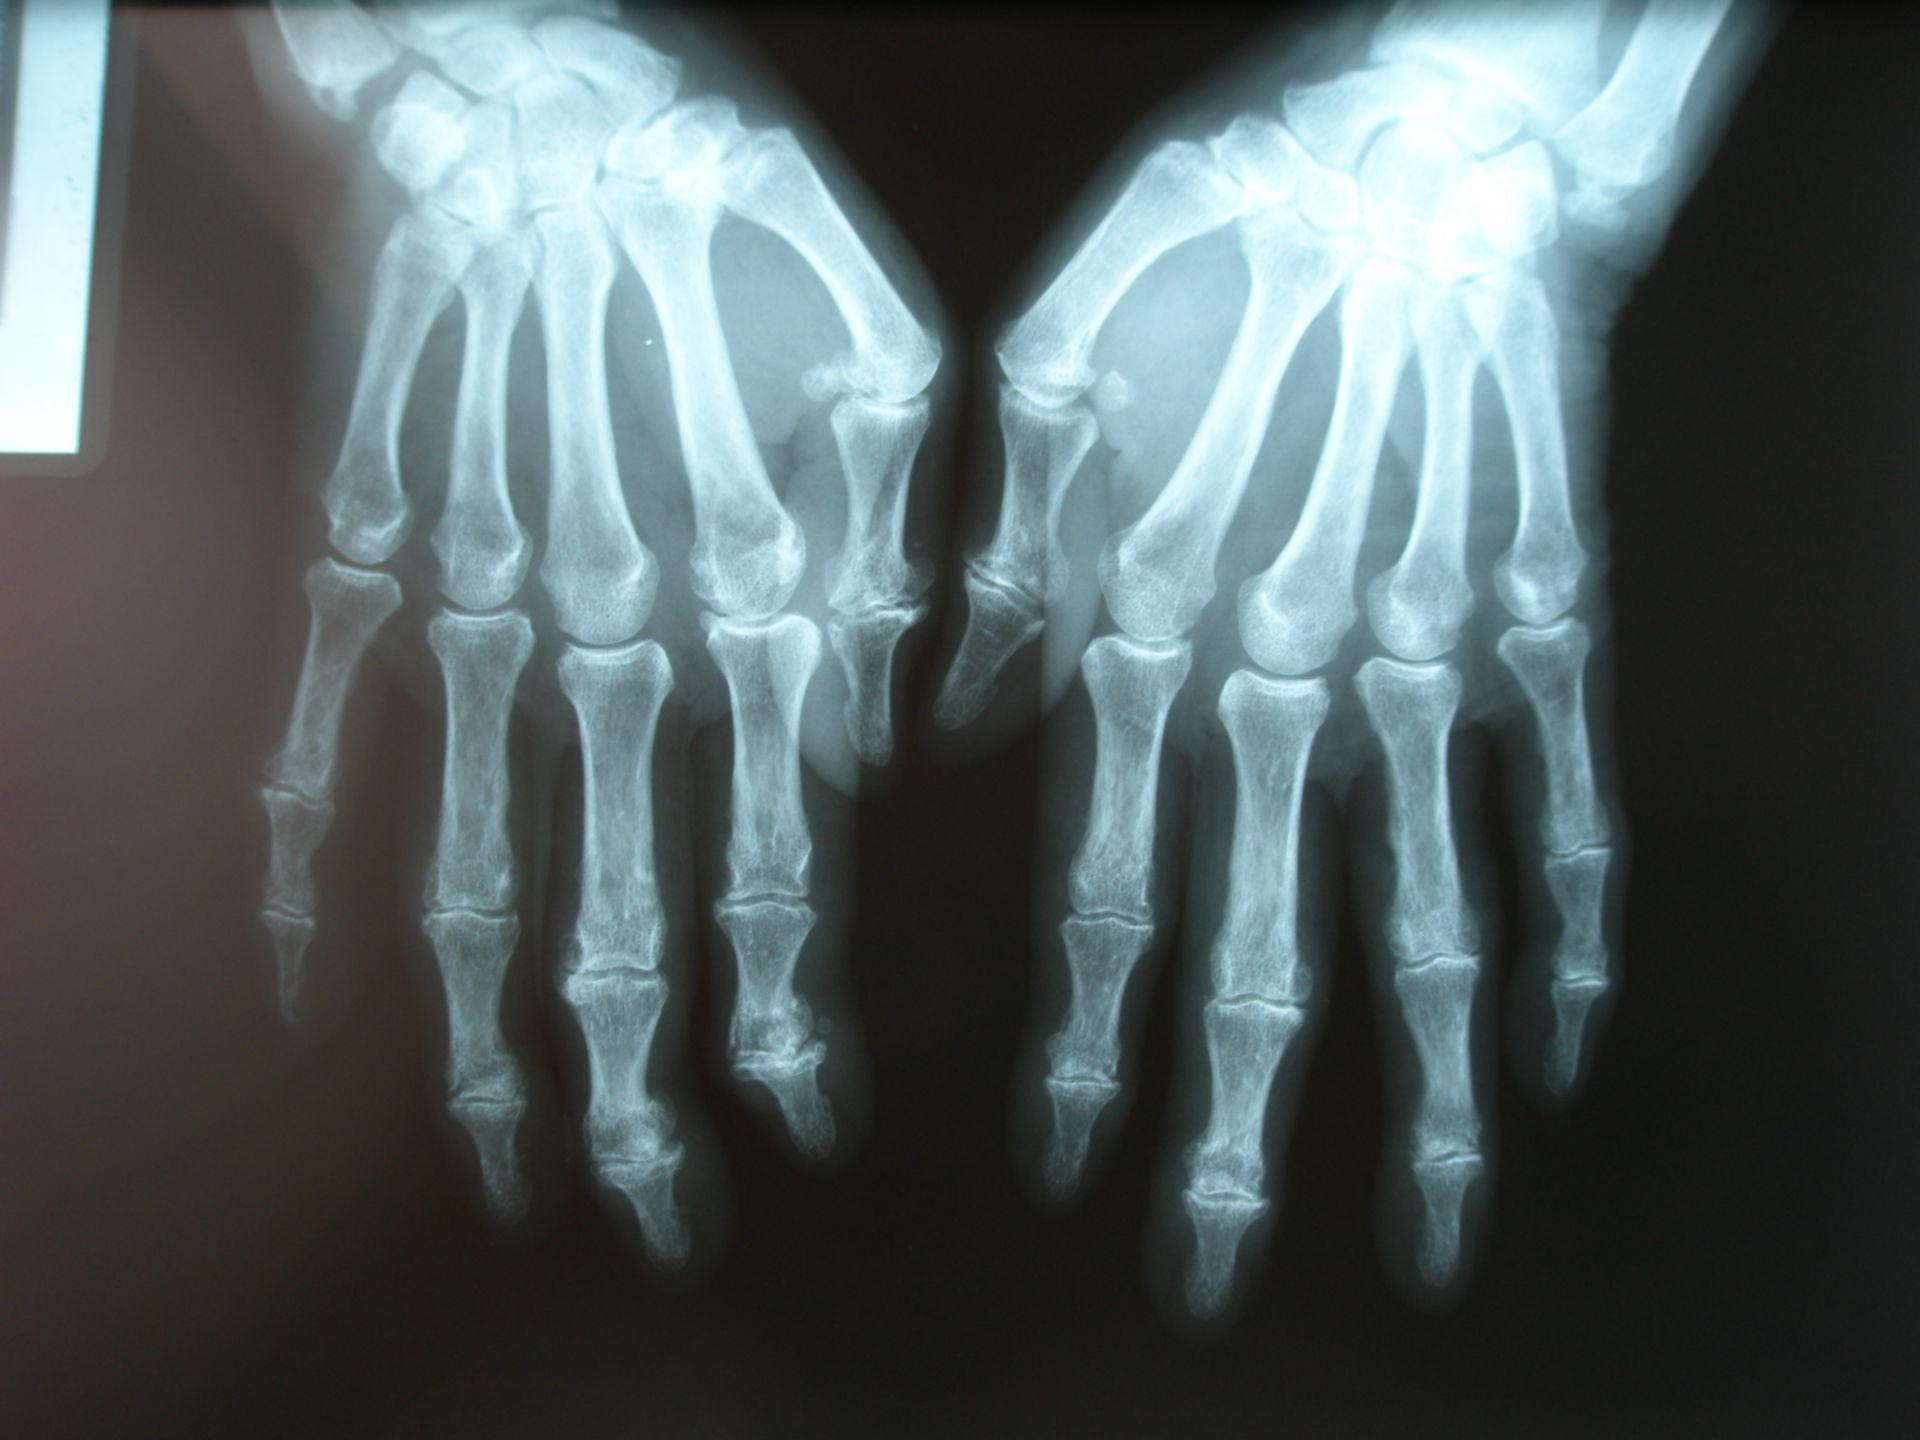 Arthrose in der Hand